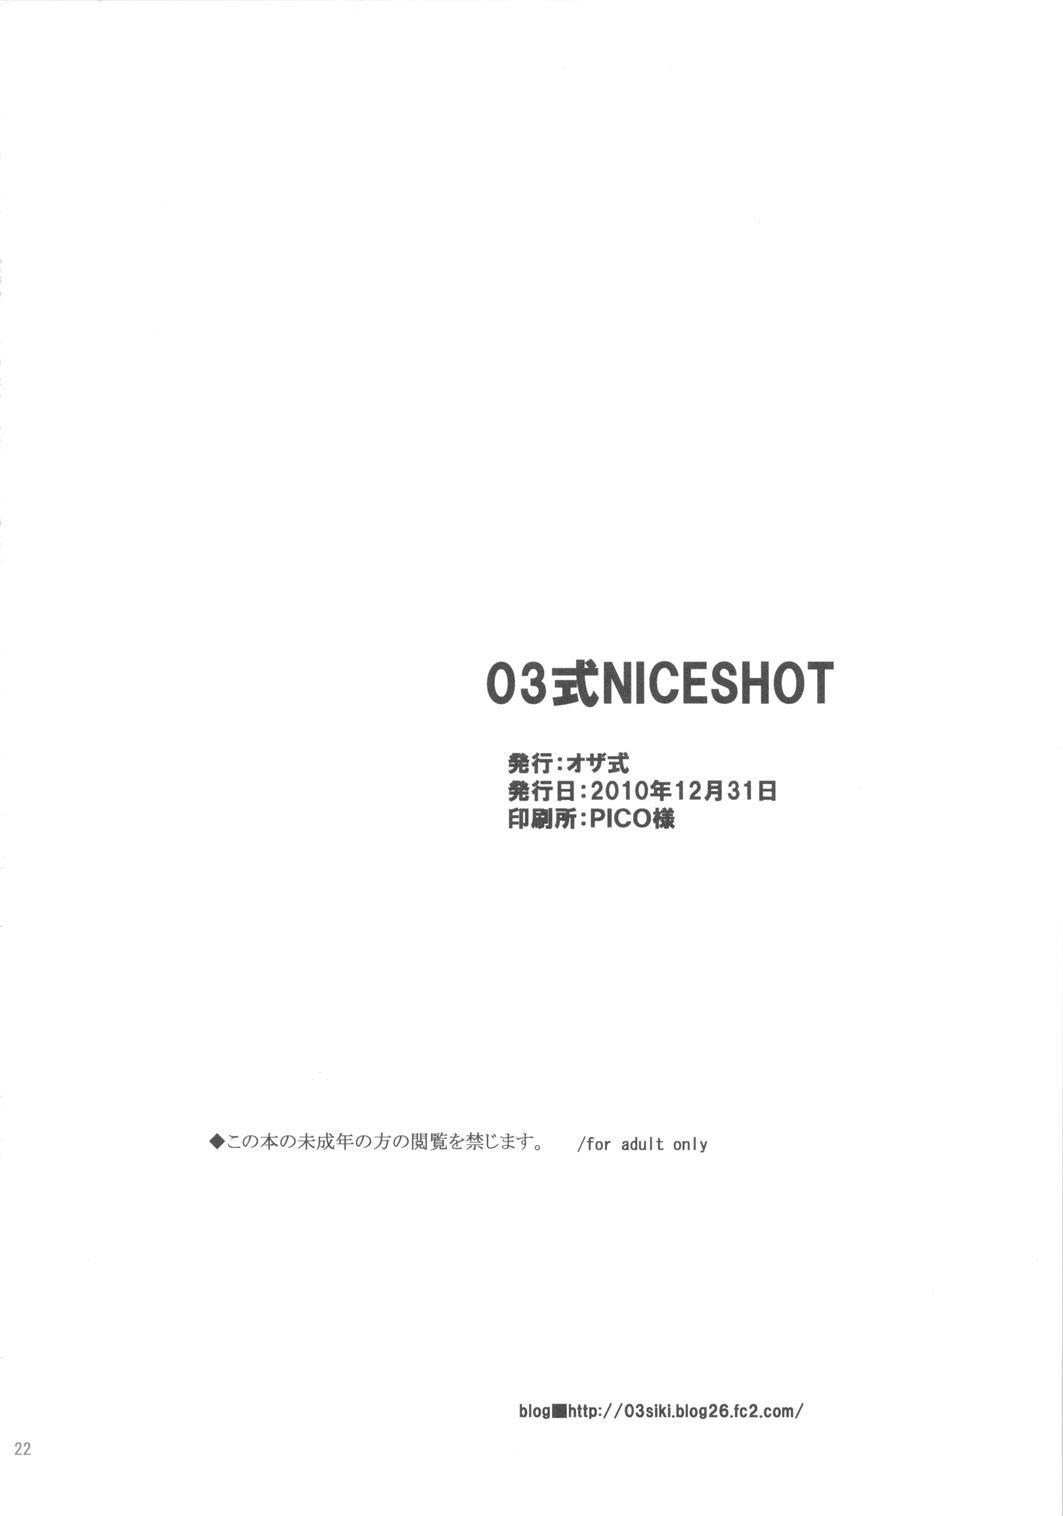 03 Shiki NICESHOT 20